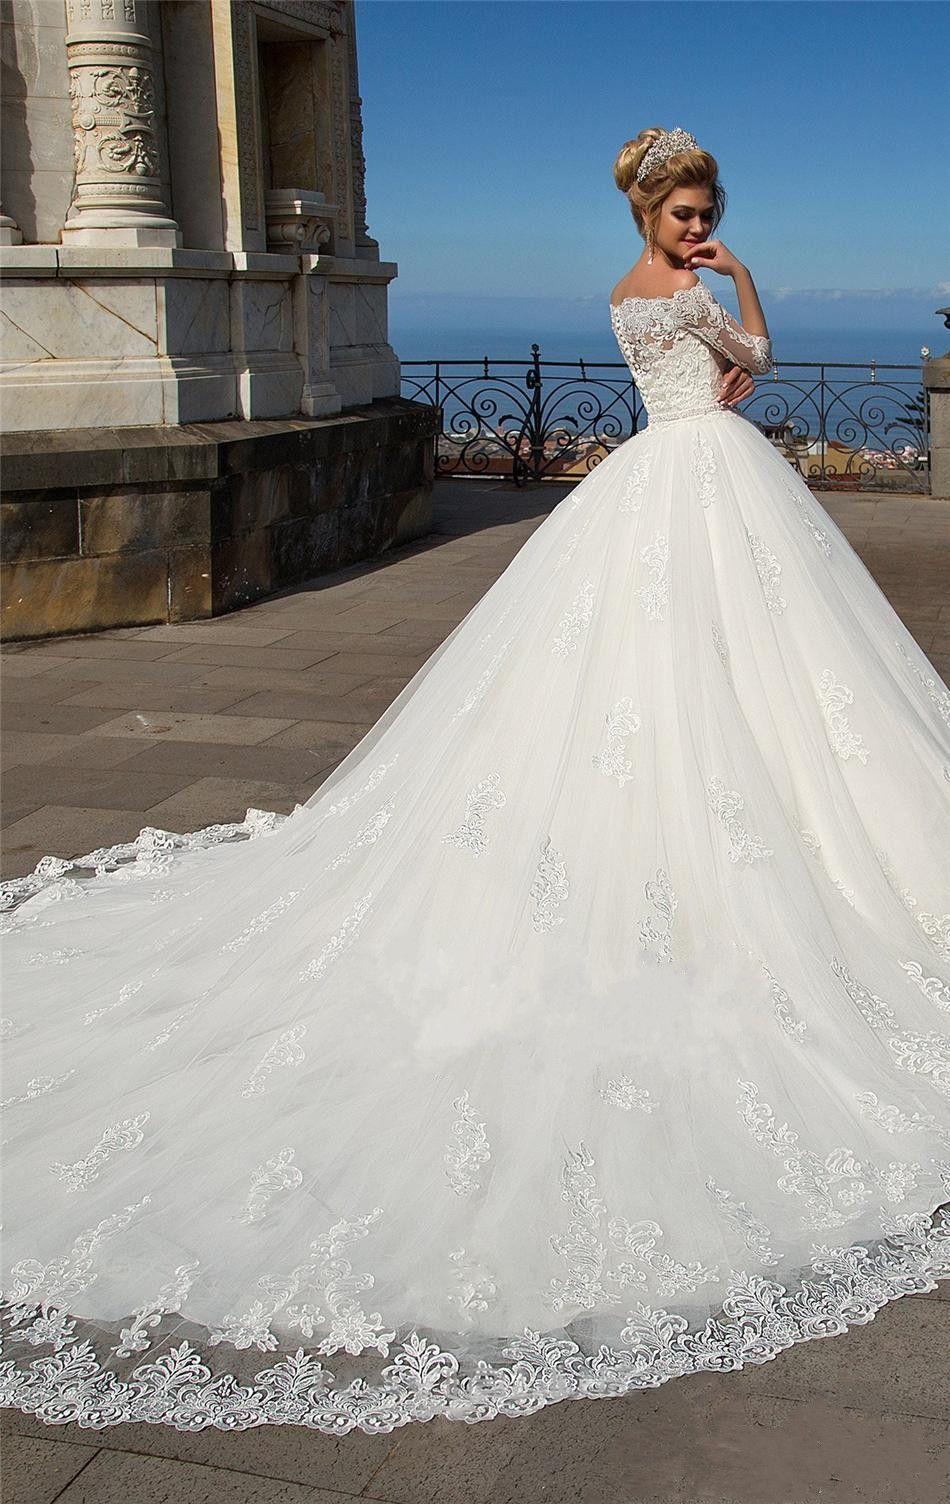 Großhandel Elegante Weiße Spitze Ballkleid Brautkleider Mit Ärmeln ...